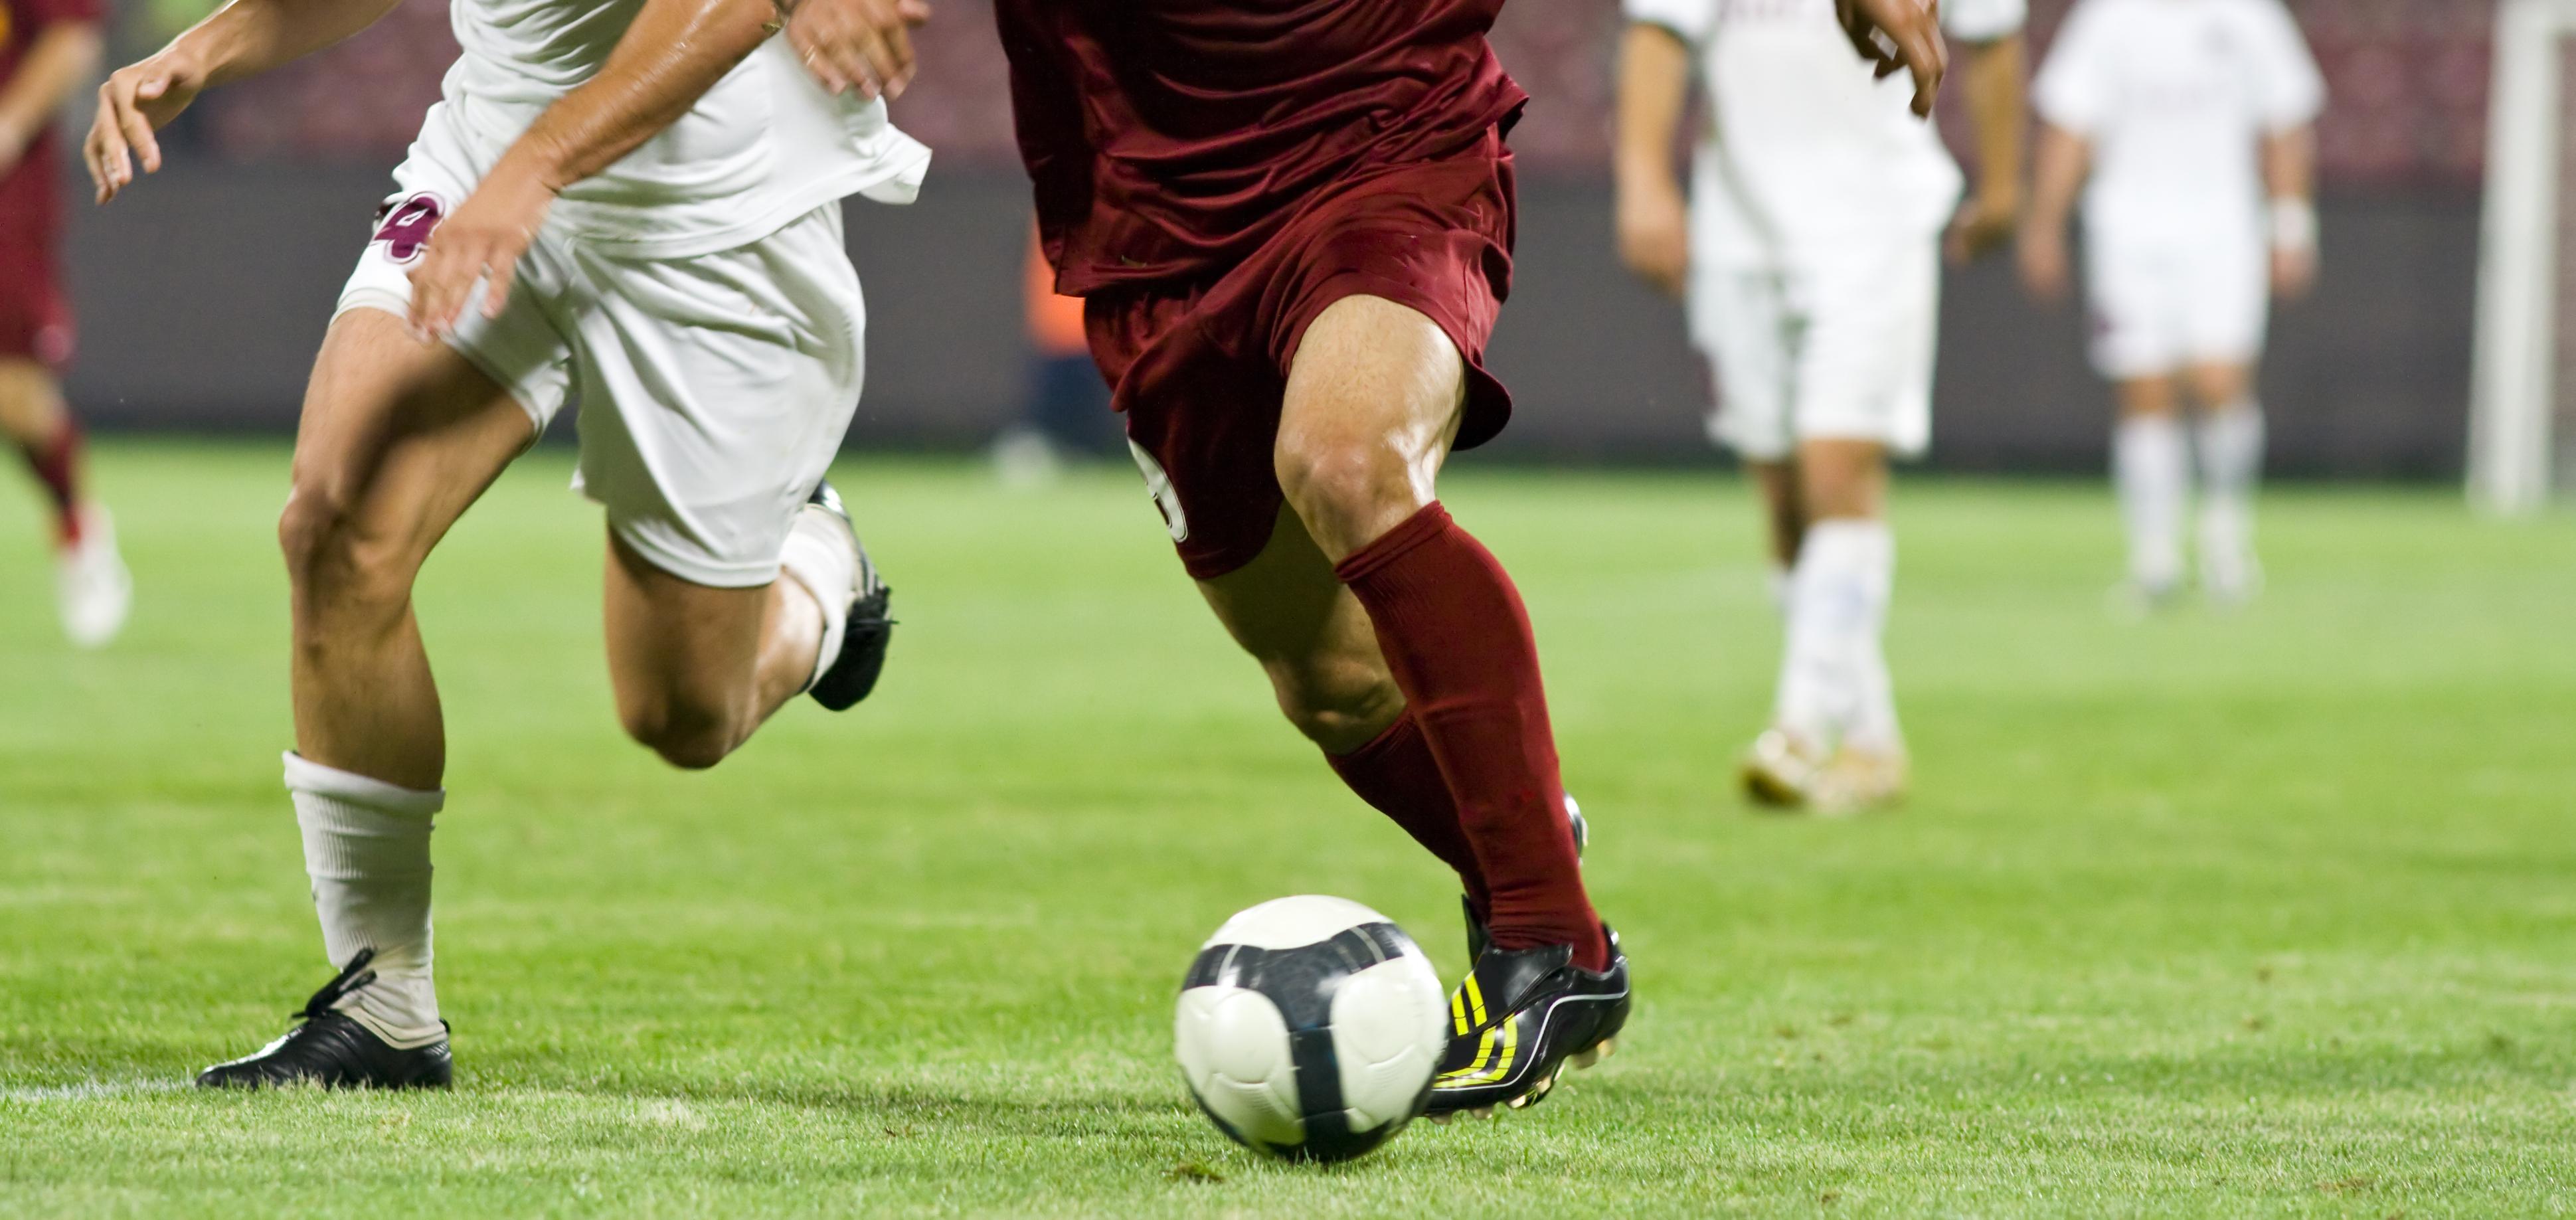 Meniskskada i knät - orsaker, symtom och behandling